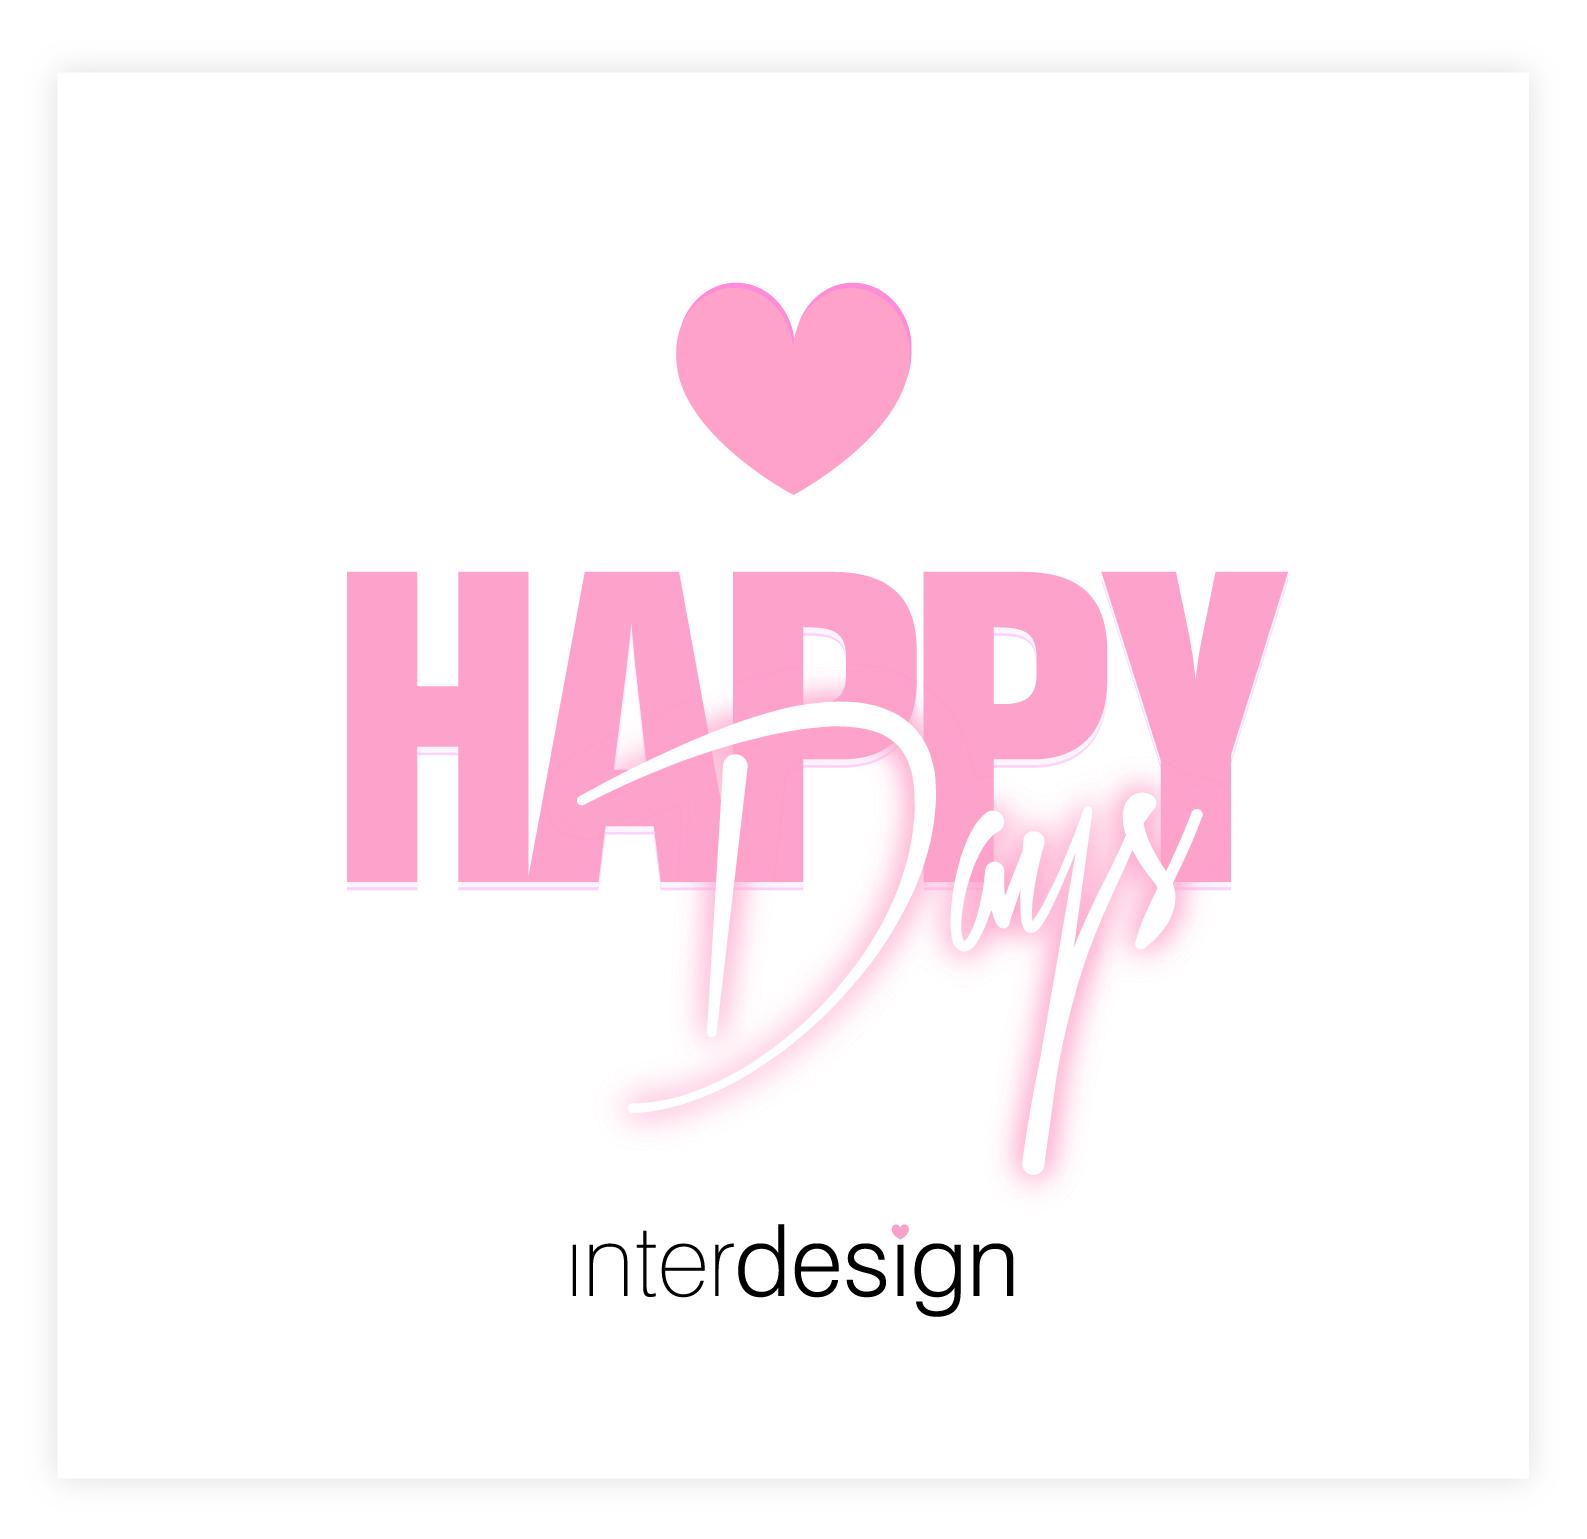 HAPPY DAYS INTERDESIGN